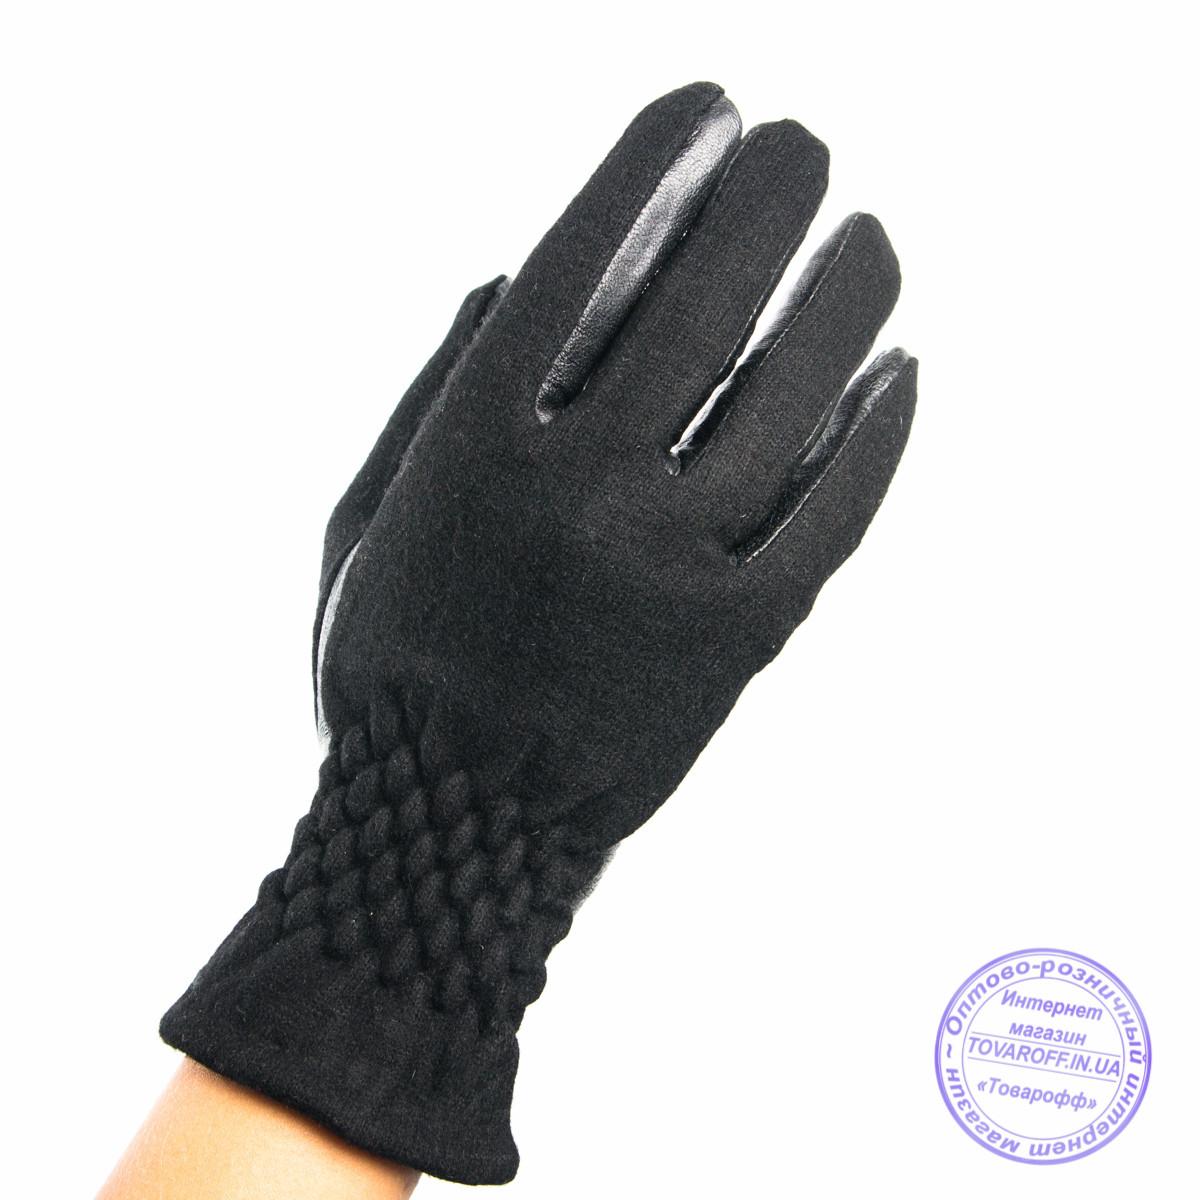 Оптом женские кашемировые перчатки с кожаной ладошкой с плюшевой подкладкой - №F4-3